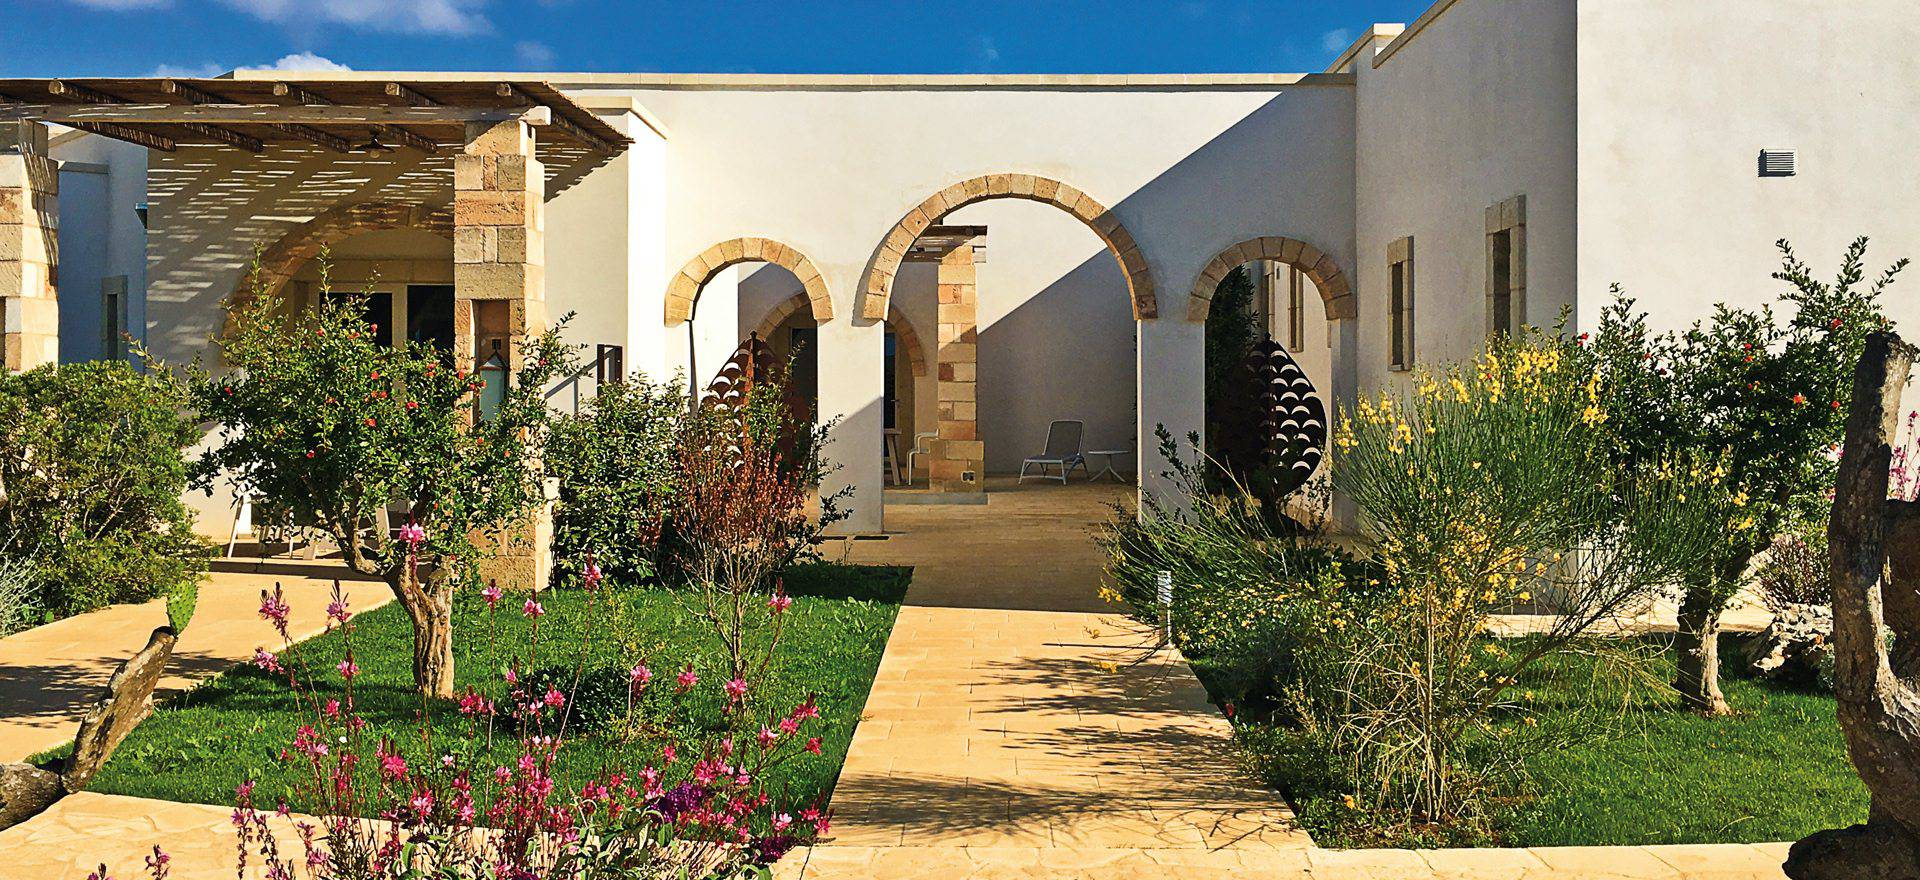 Agriturismo Puglia Luxury agriturismo in Puglia, near the sea